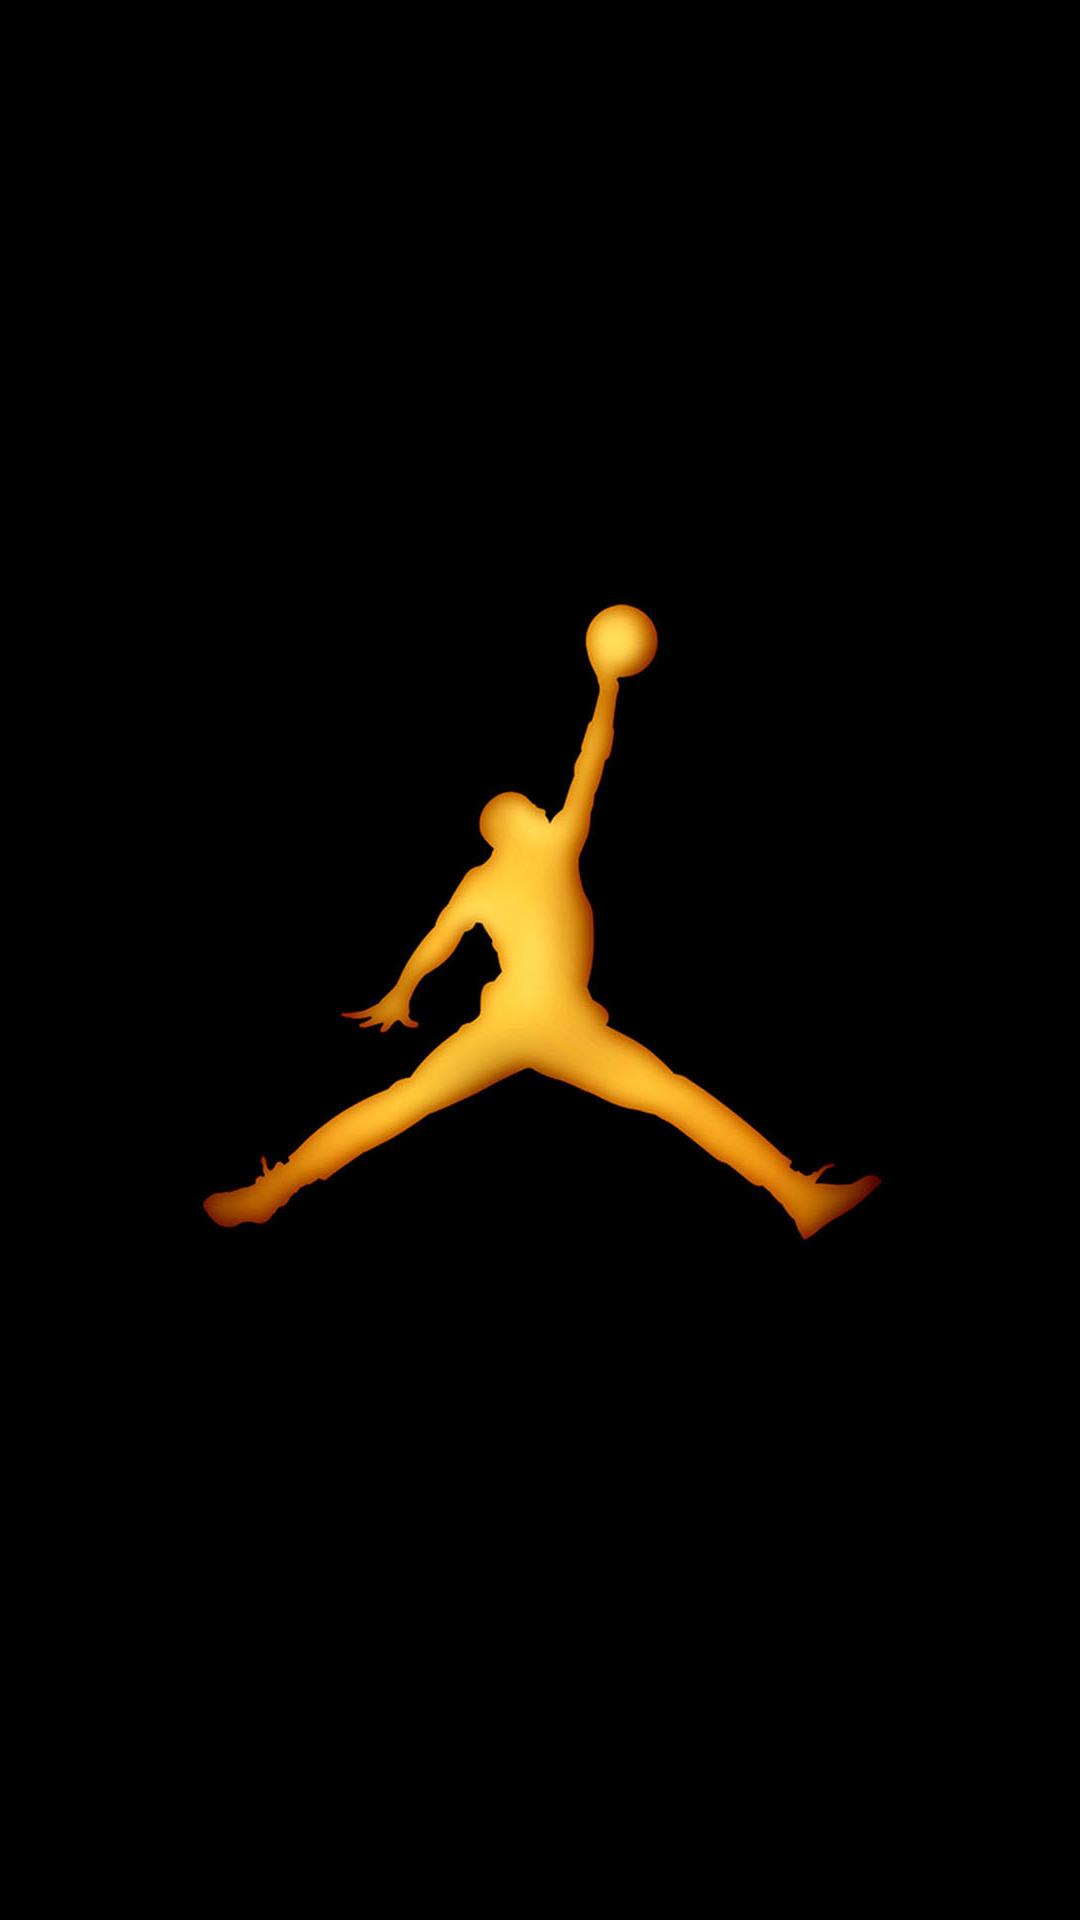 iPhone Wallpaper Jordan Brands